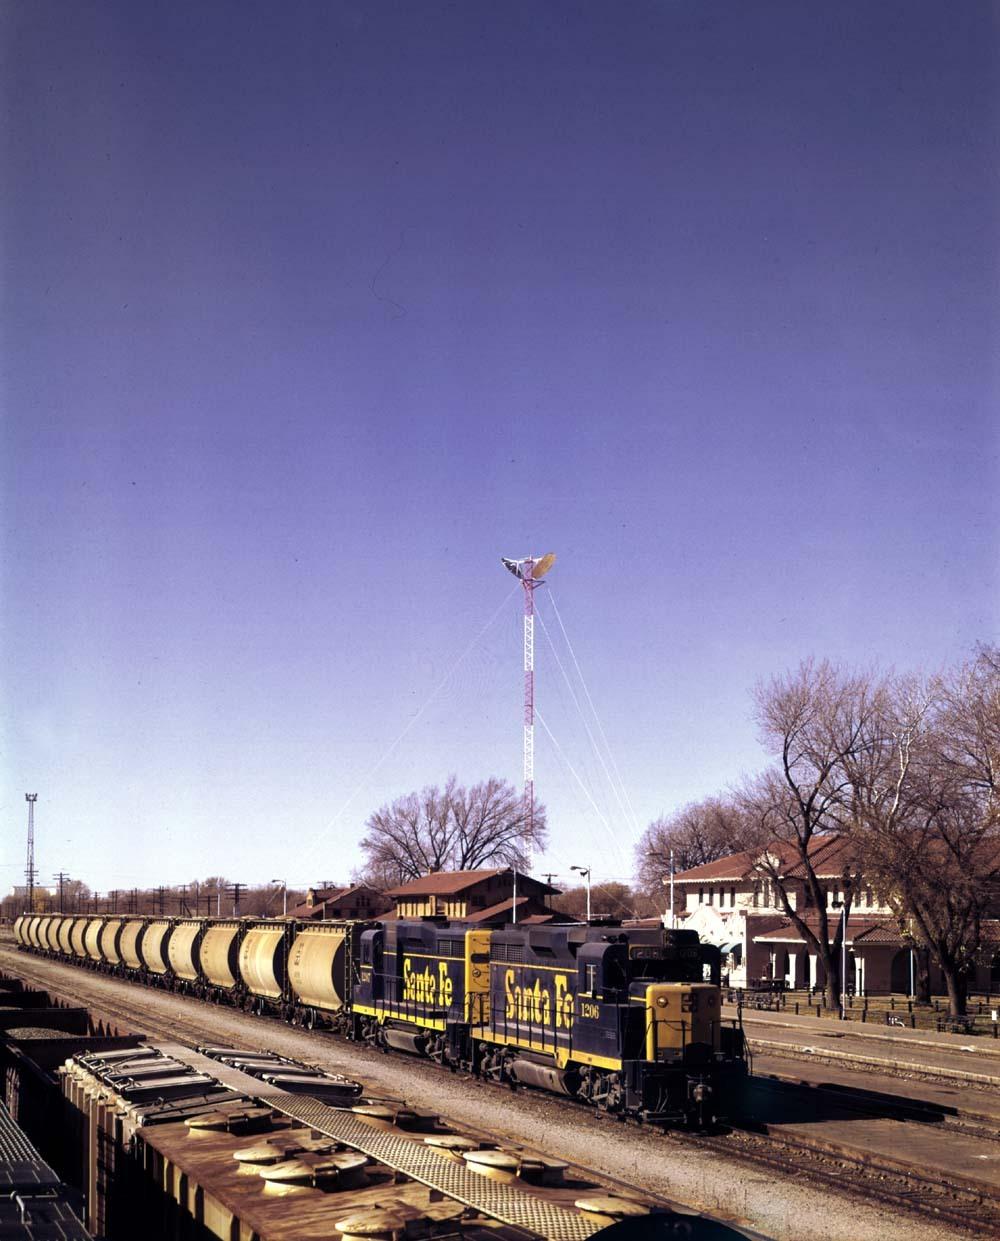 Potash train eastbound at Clovis, New Mexico